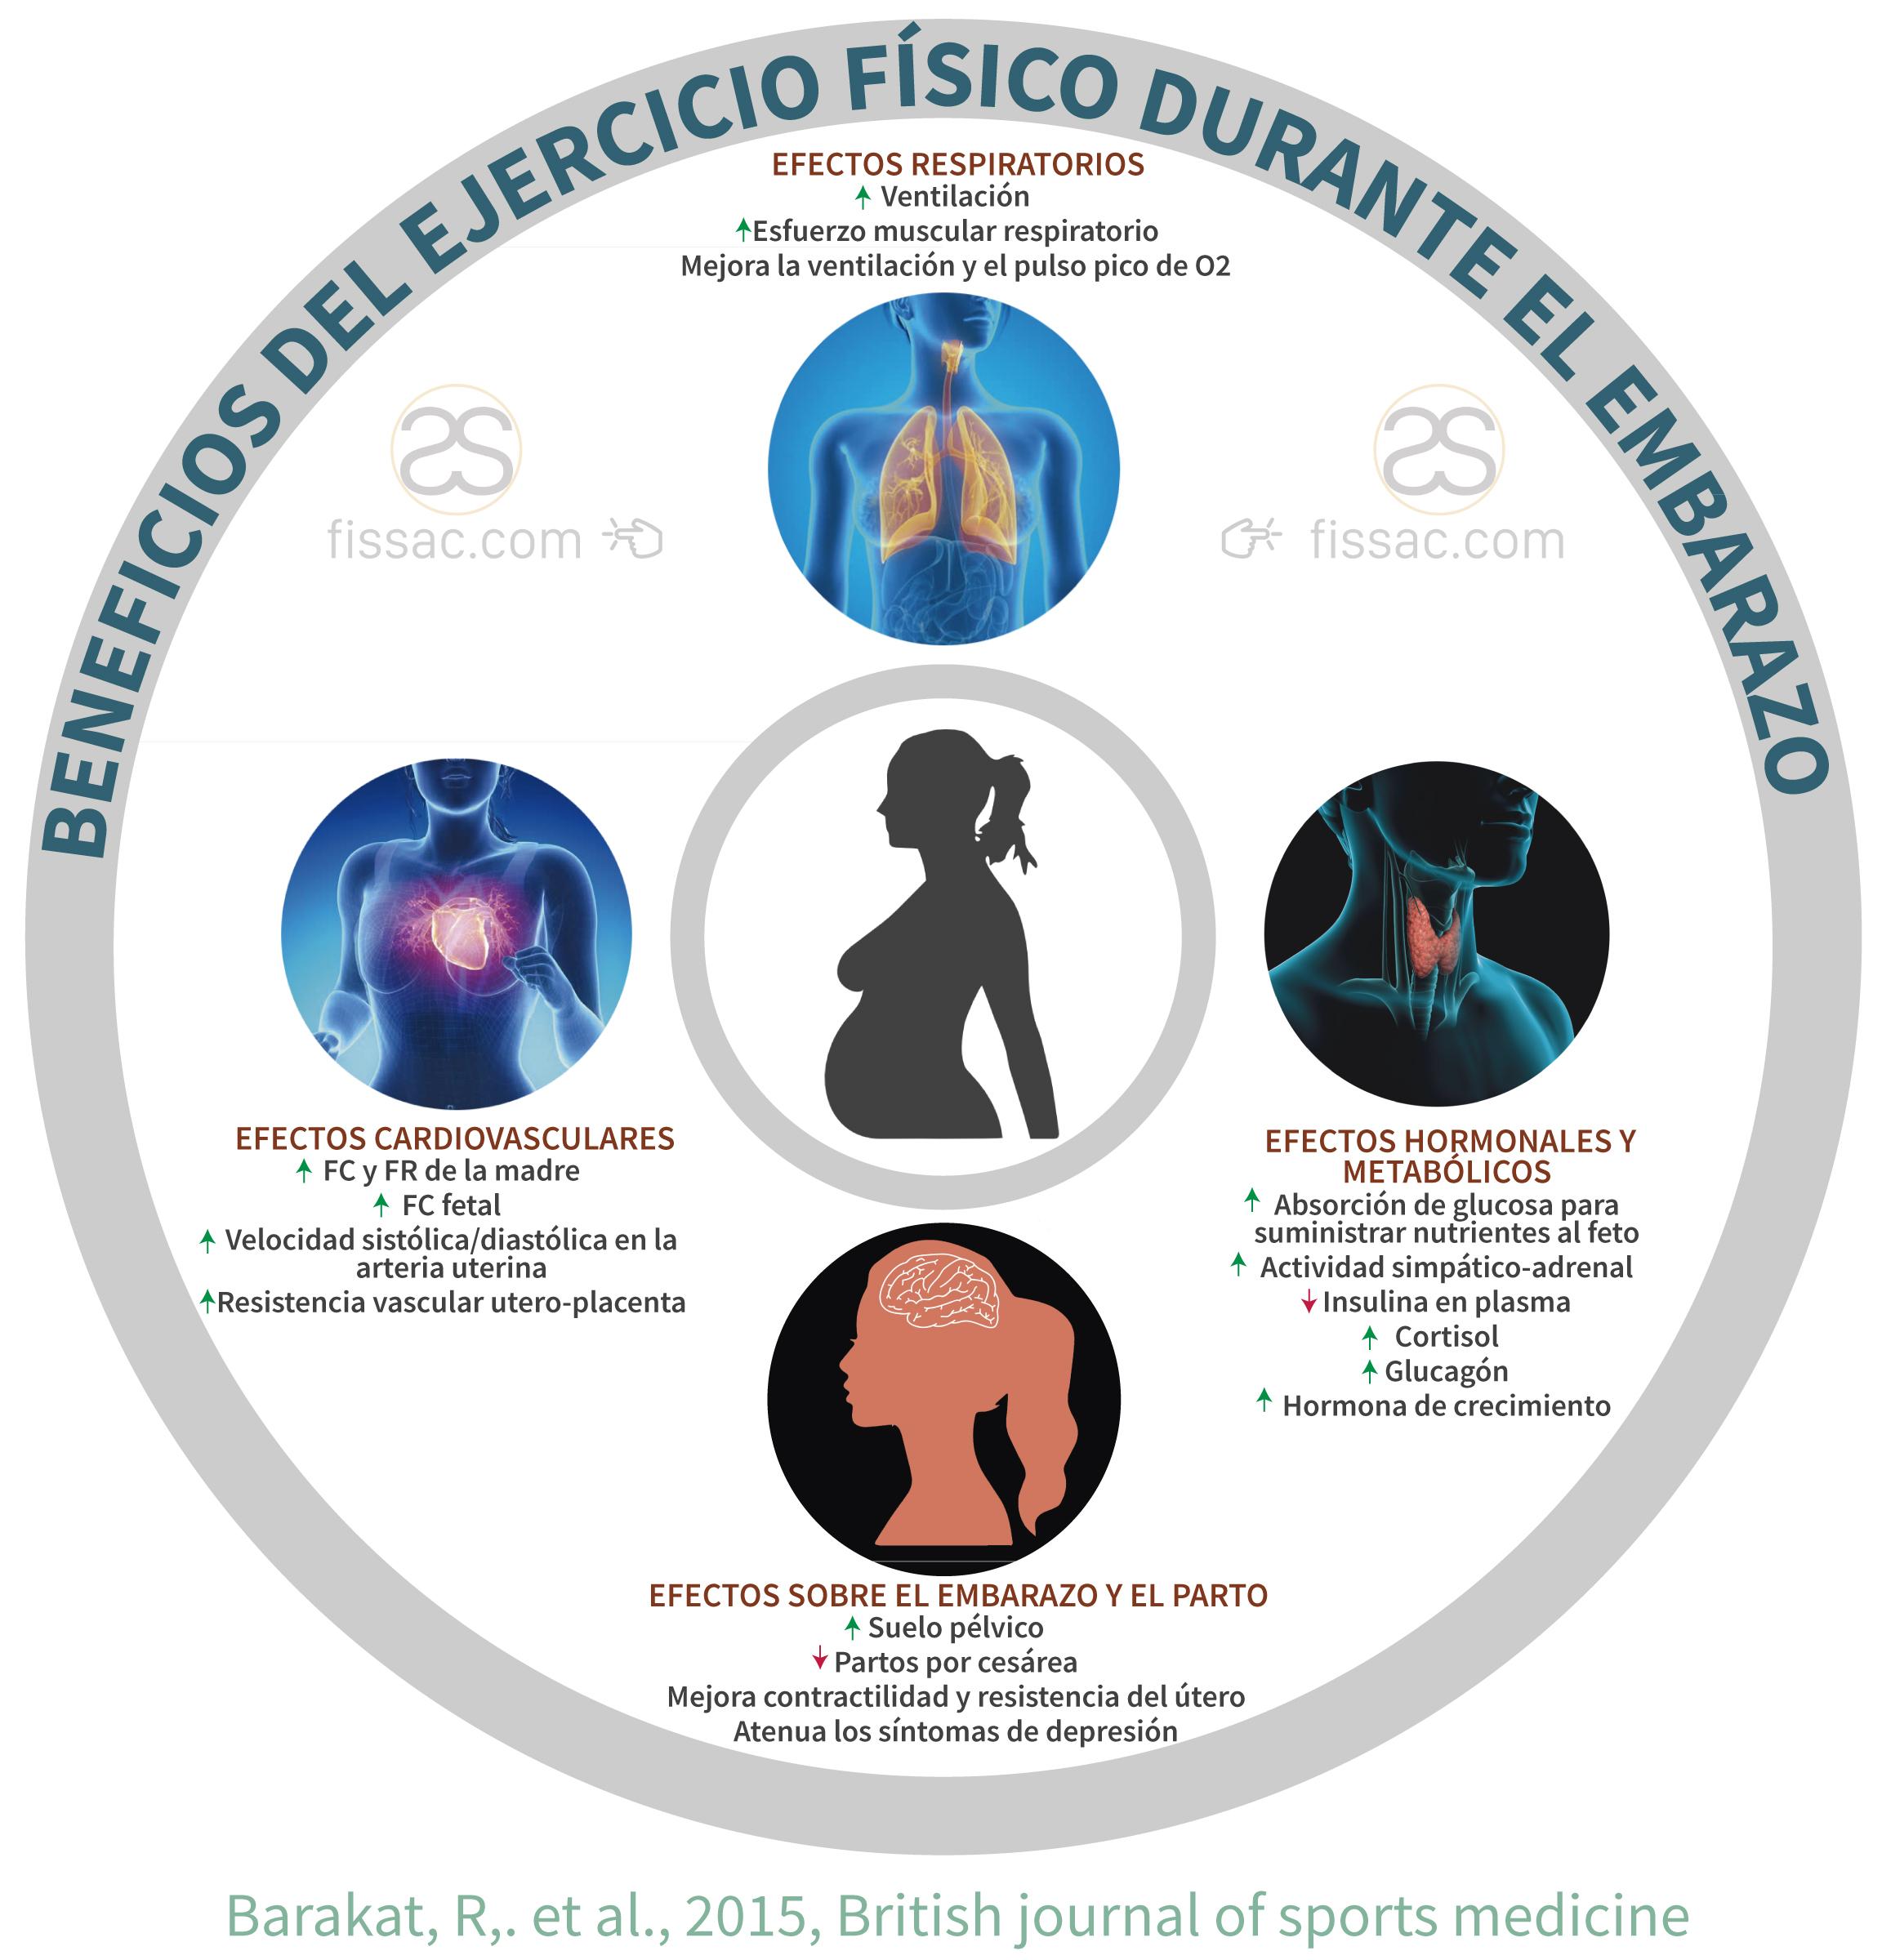 Beneficios y efectos del ejercicio fisico sobre la salud